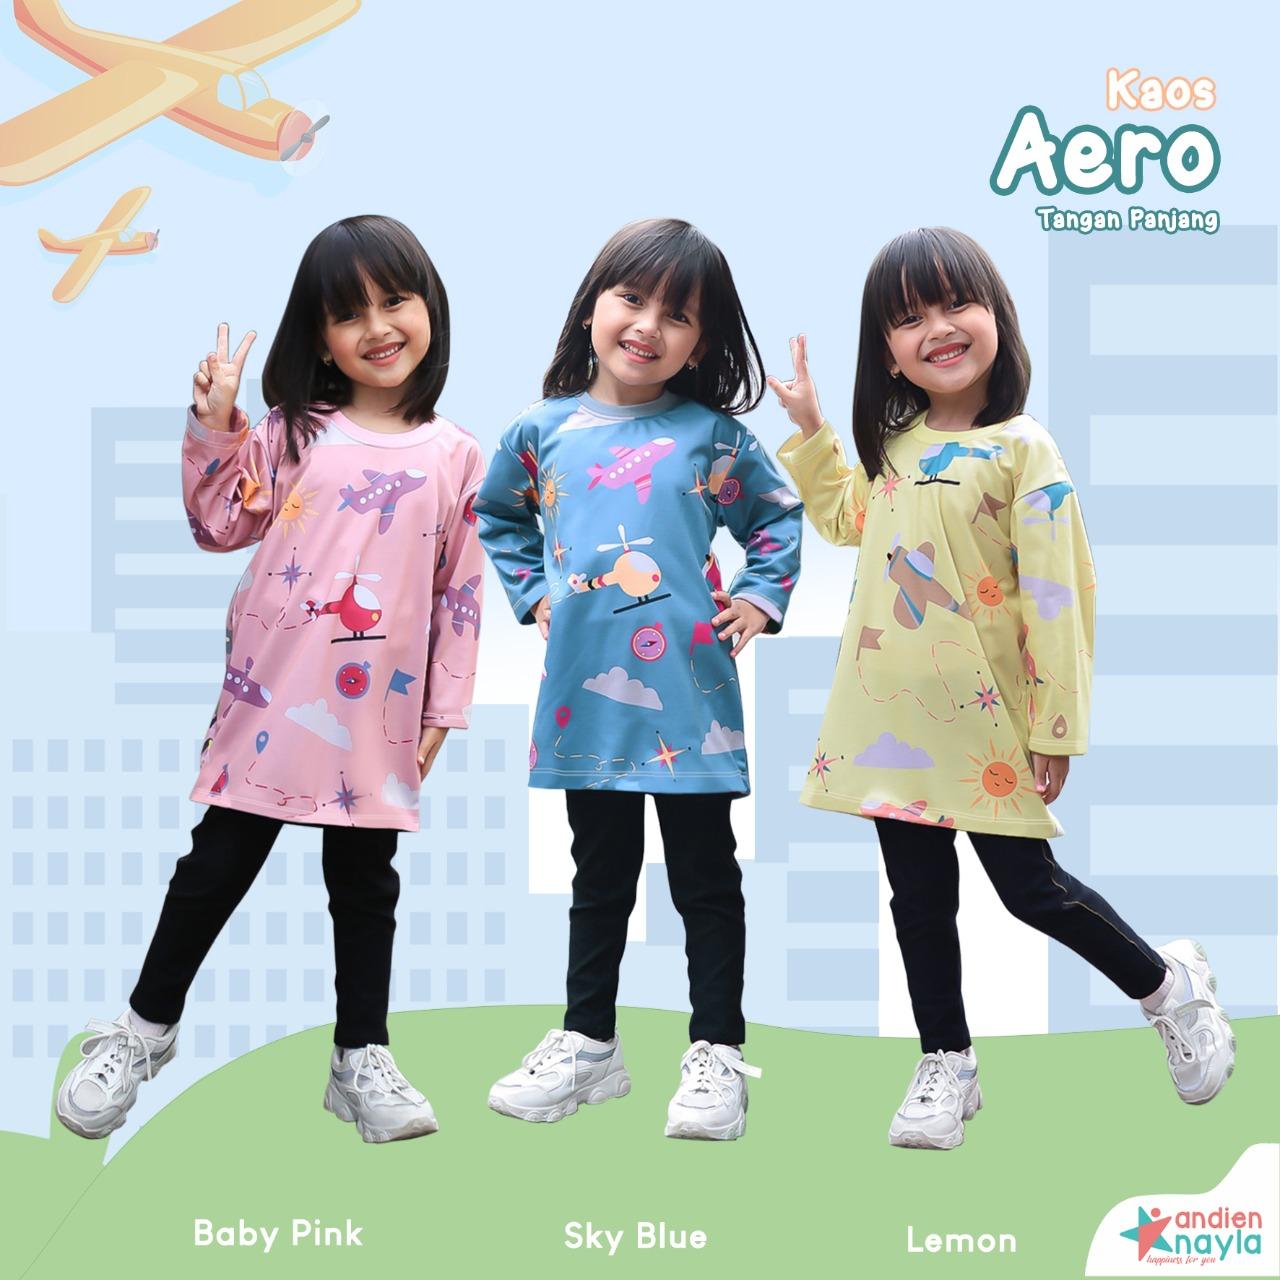 Kaos Aero Panjang